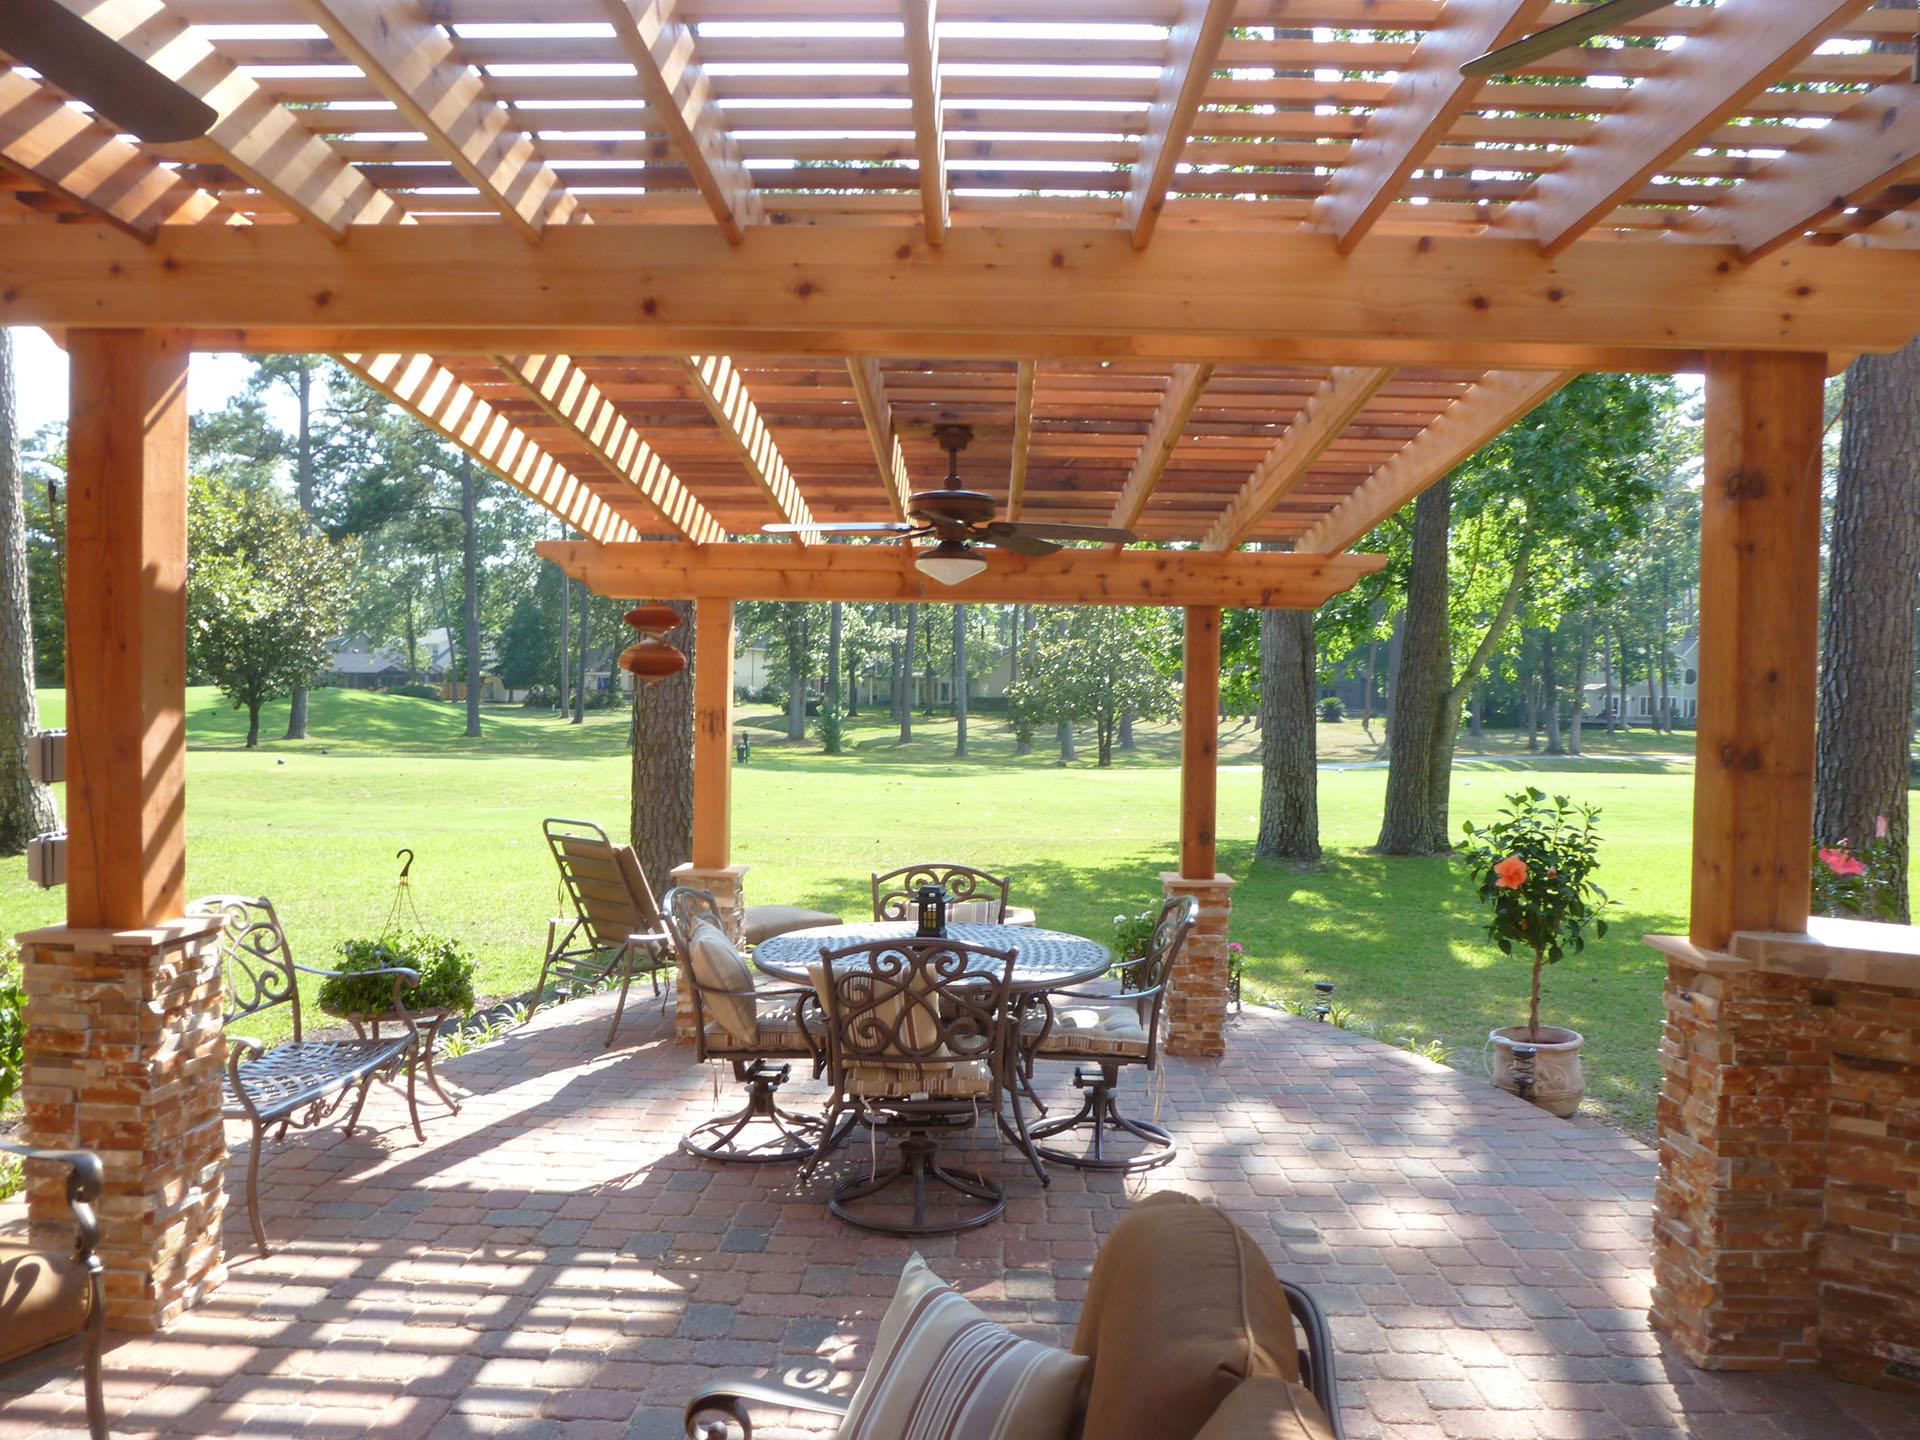 pergolas custom outdoor concepts. Black Bedroom Furniture Sets. Home Design Ideas